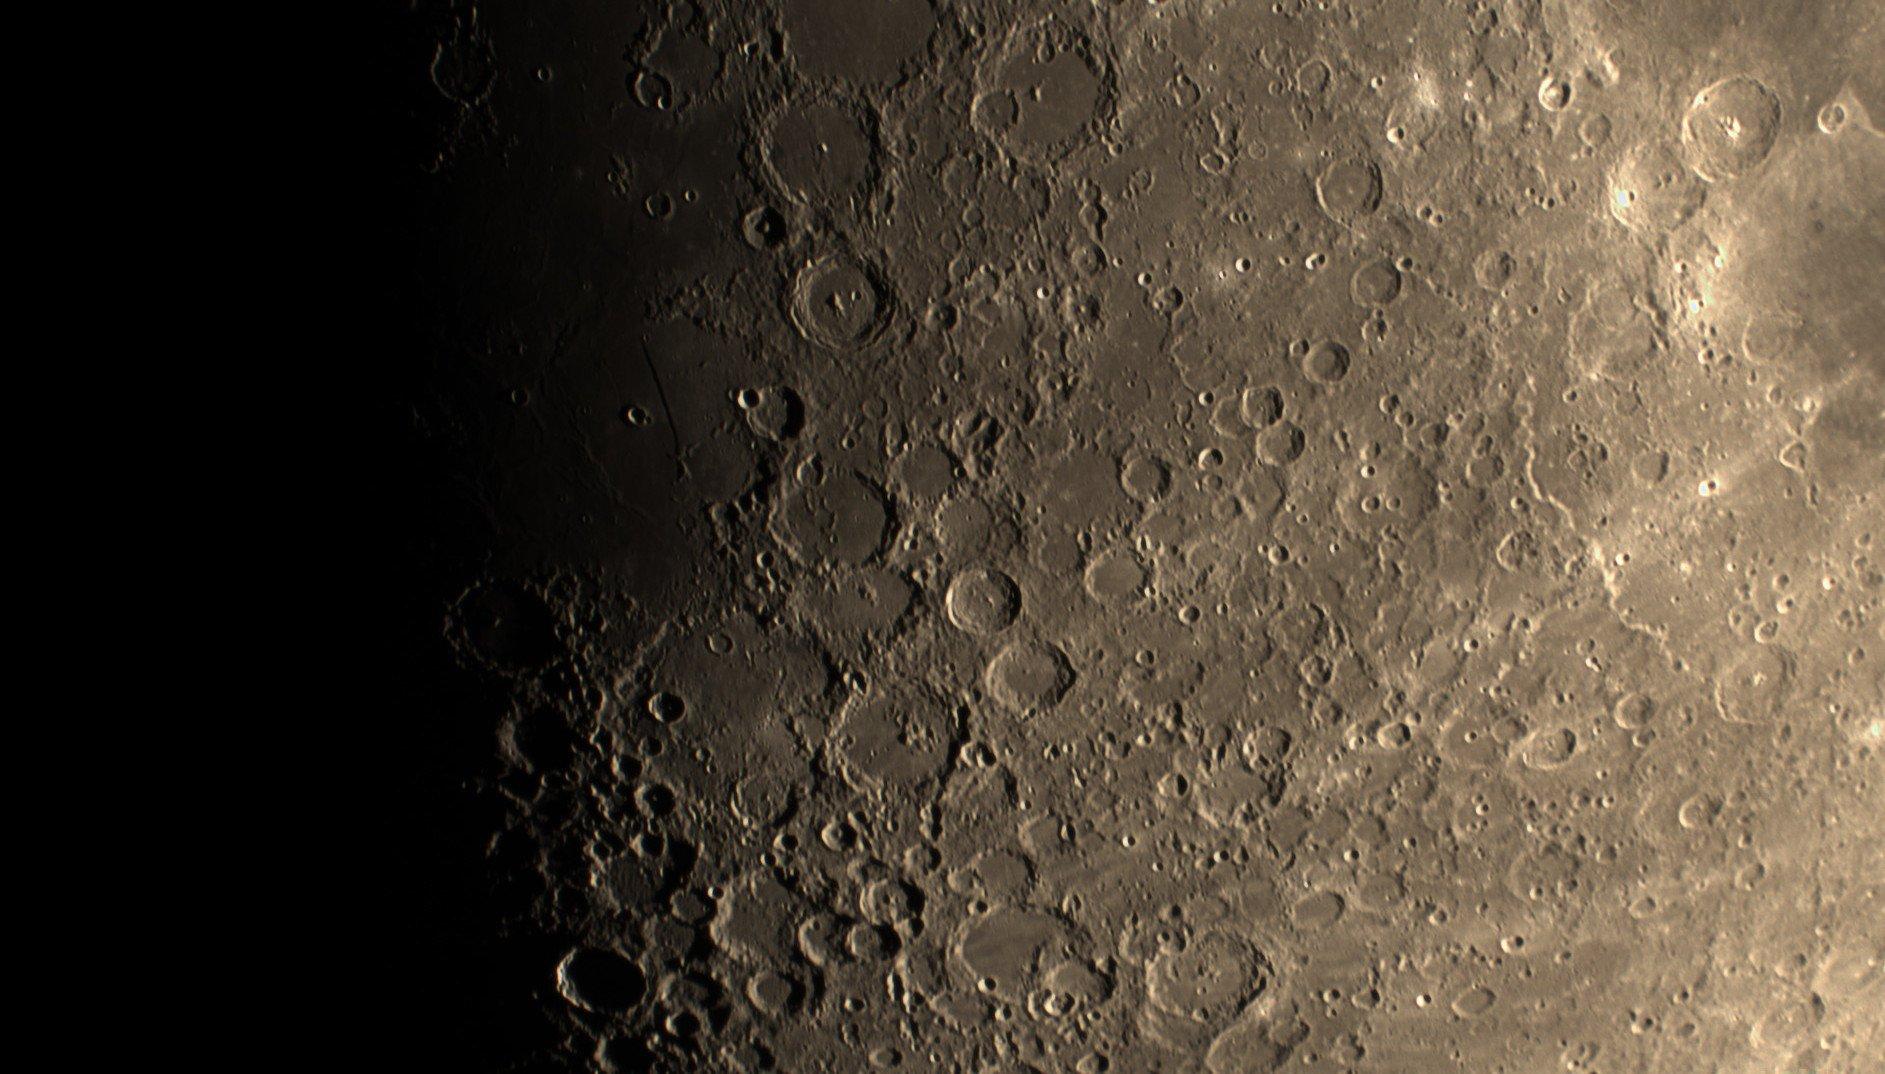 2021-08-16-1953 8-Moon Lapl5 Ap7604 Conv 1